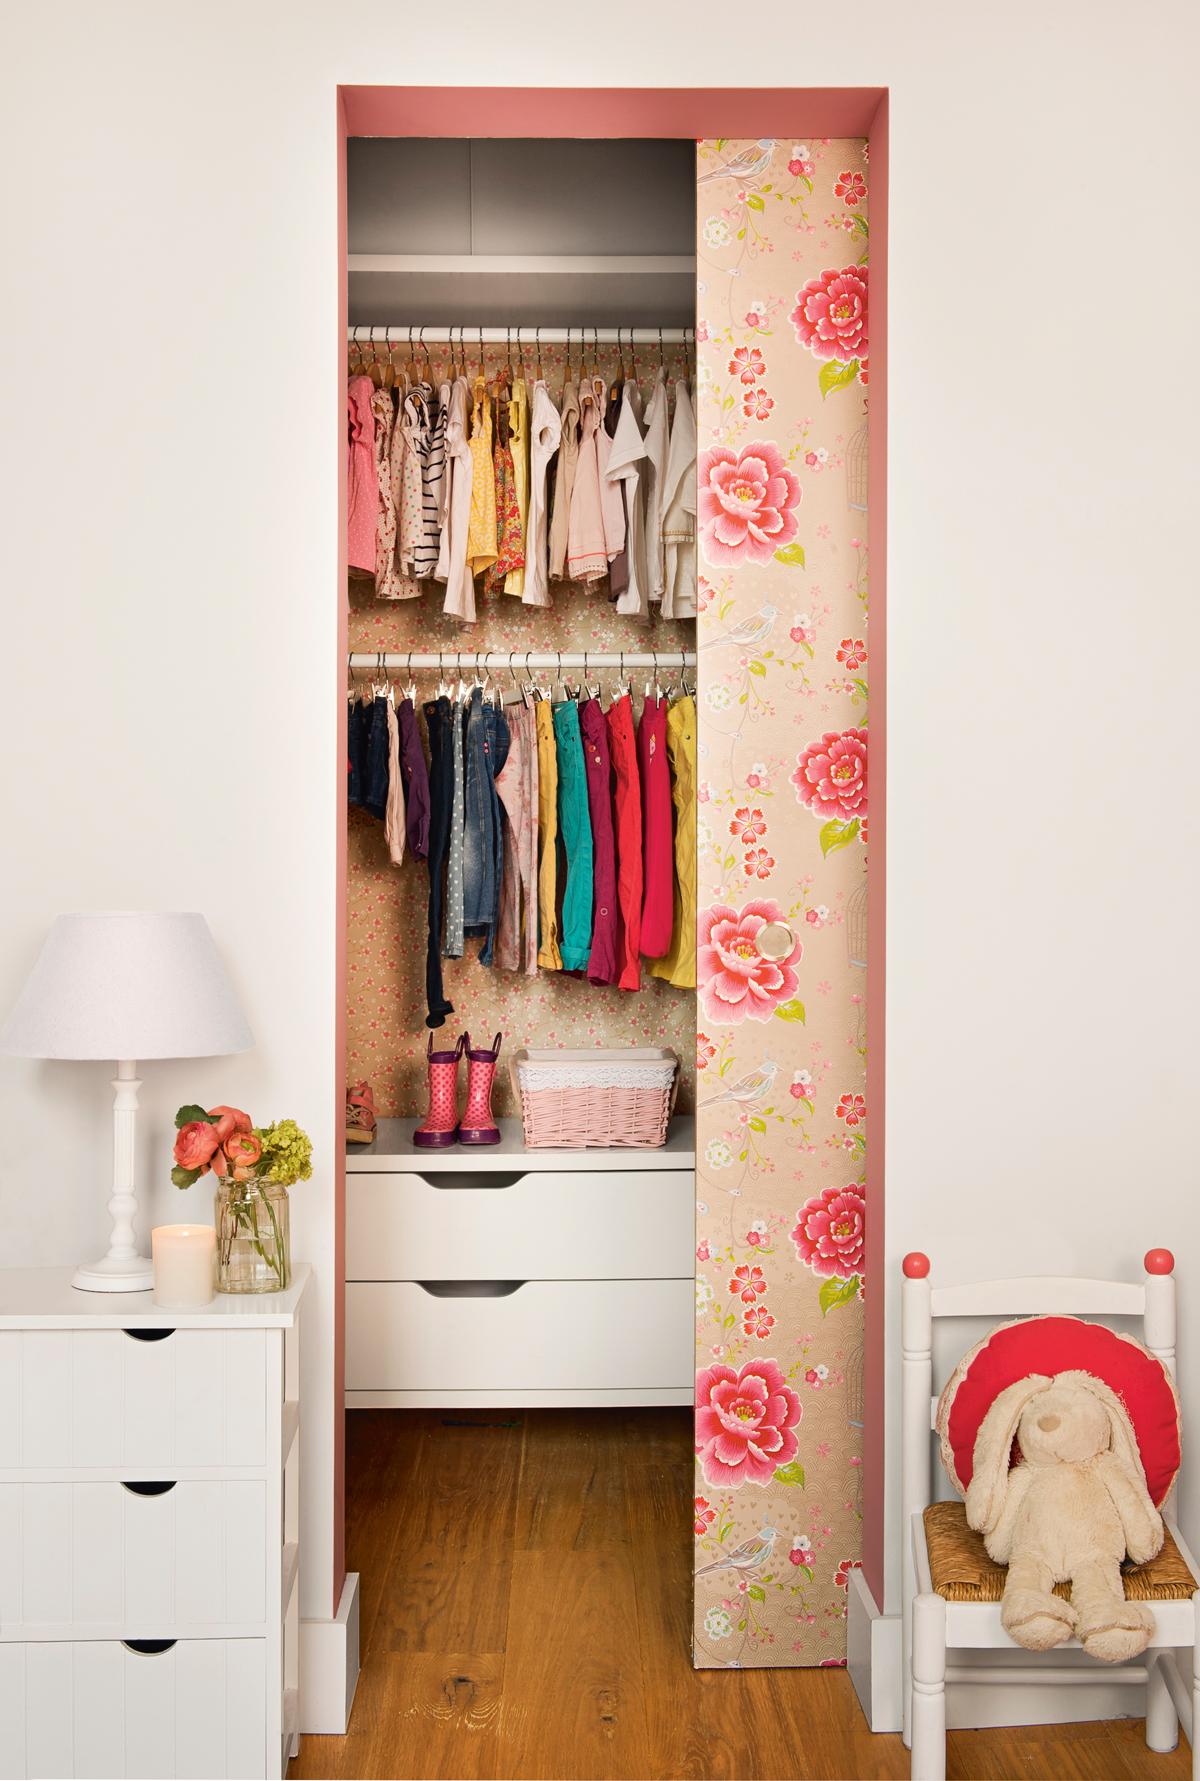 Adesivo De Unha Infantil Frozen ~ Ideas para decorar la habitación de los niños